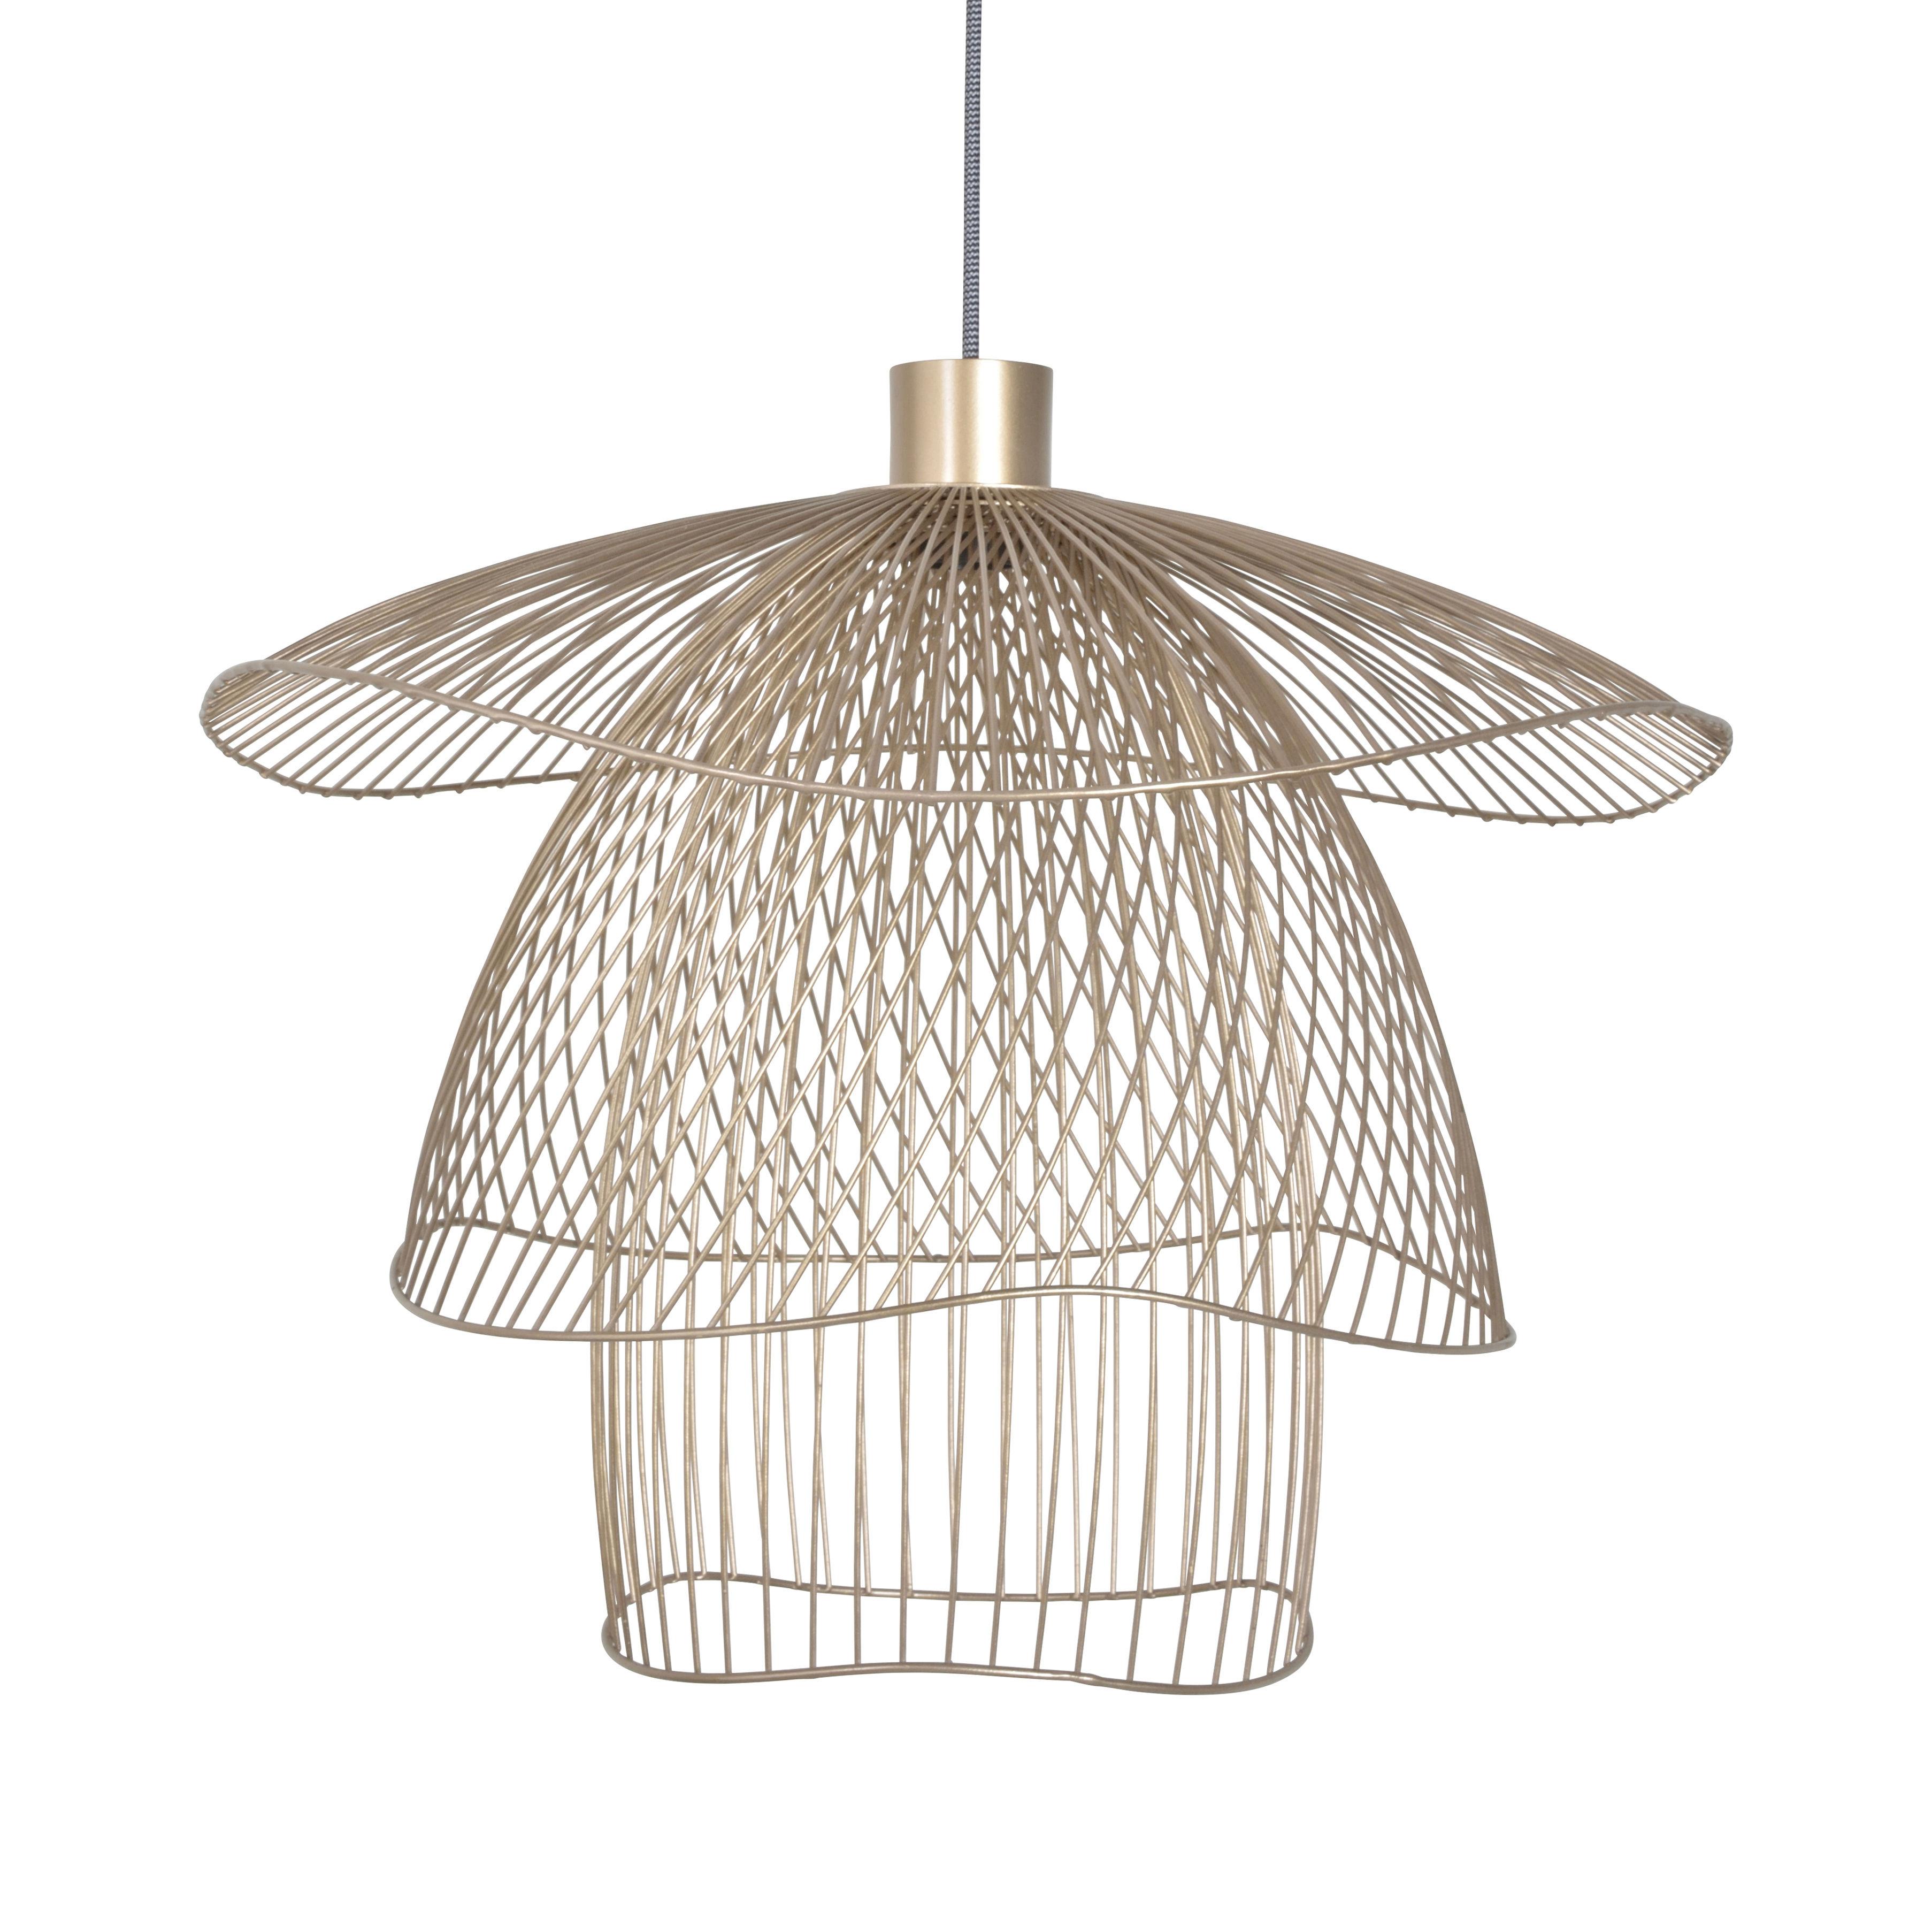 Illuminazione - Lampadari - Sospensione Papillon Small - / Ø 56 cm di Forestier - Champagne - Acciaio termolaccato